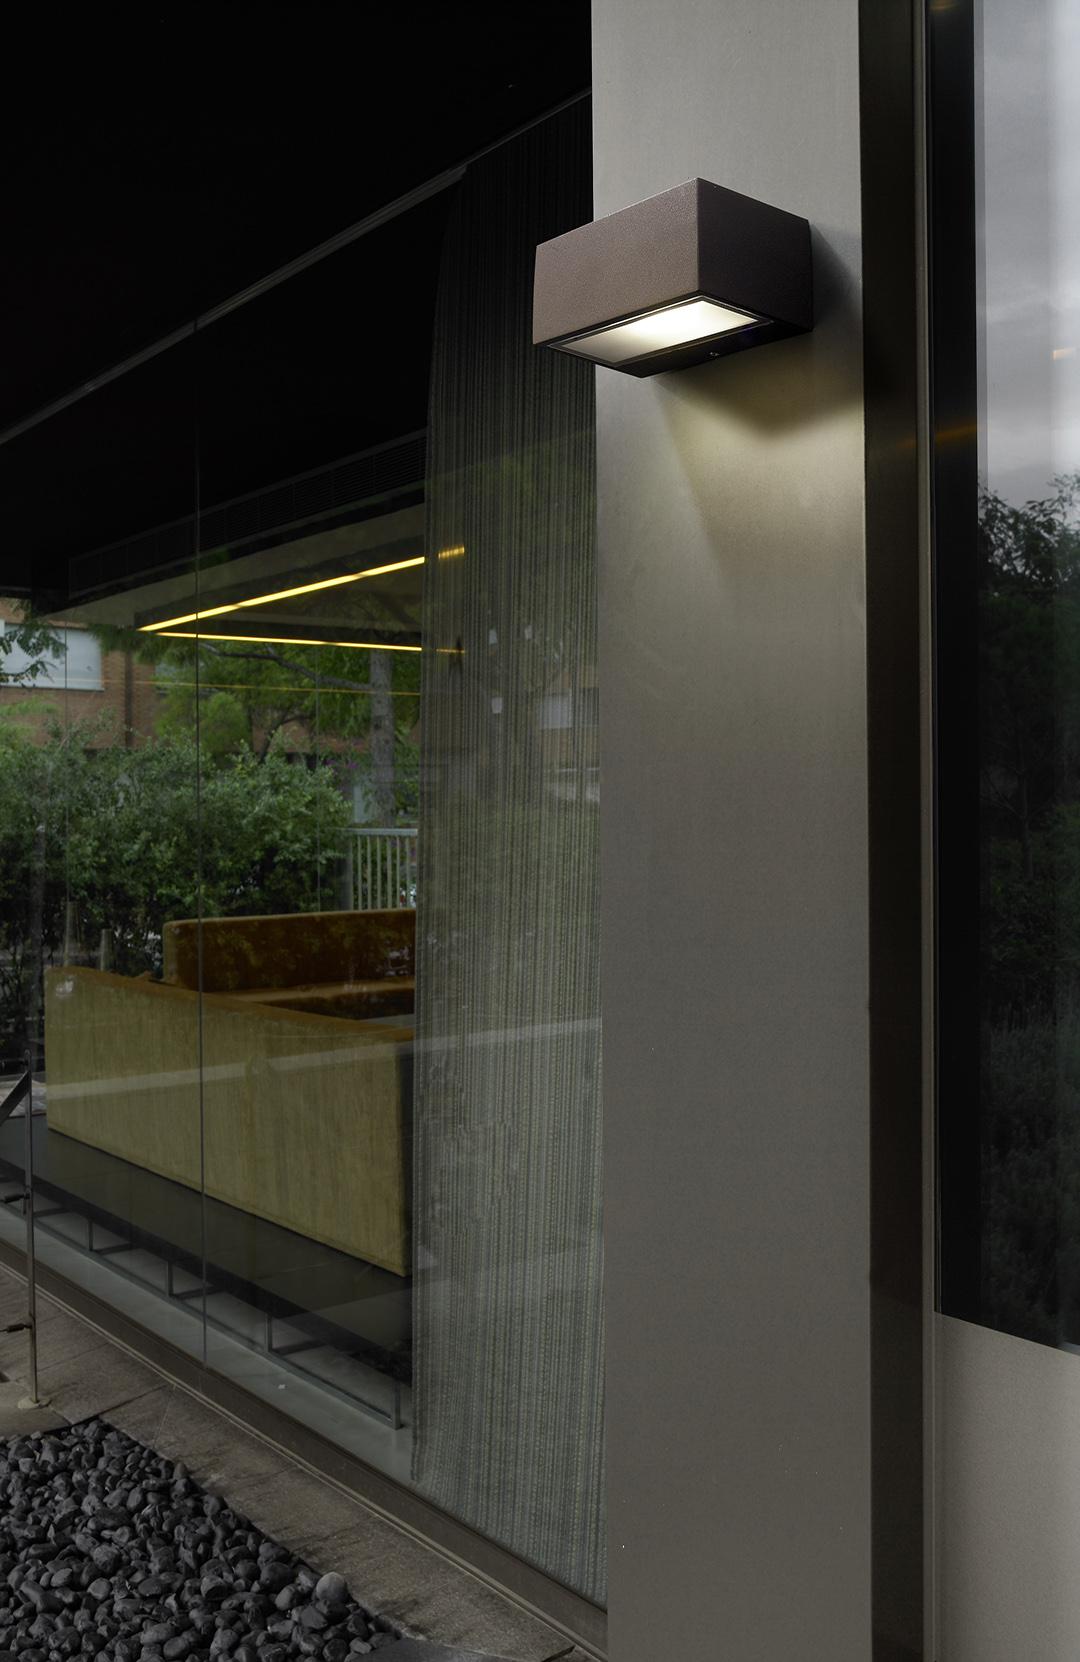 leds c4 nemesis wall lamp outdoor 17x11x7cm r7s 05 9177 14 b8 l mparas de dise o. Black Bedroom Furniture Sets. Home Design Ideas